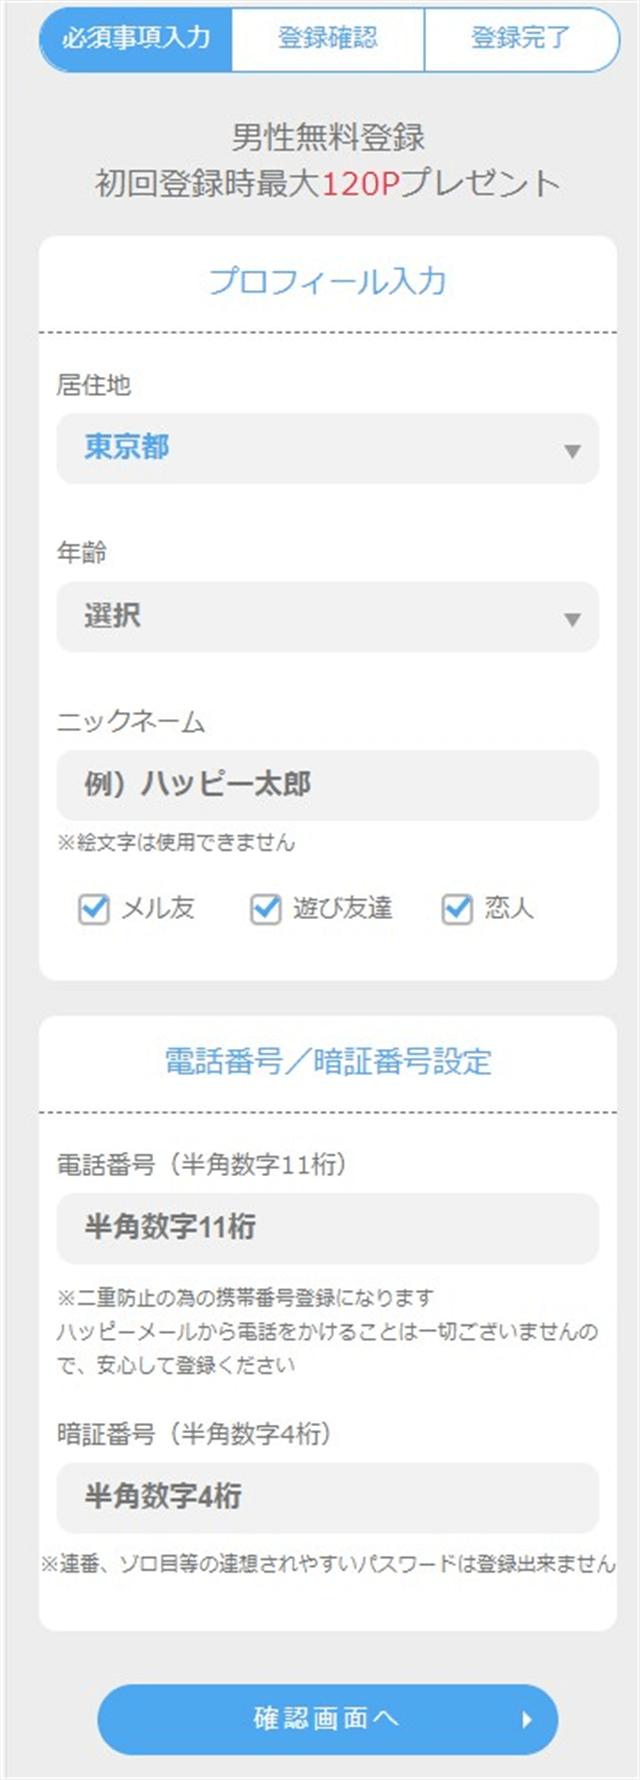 ハッピーメール登録プロフ入力